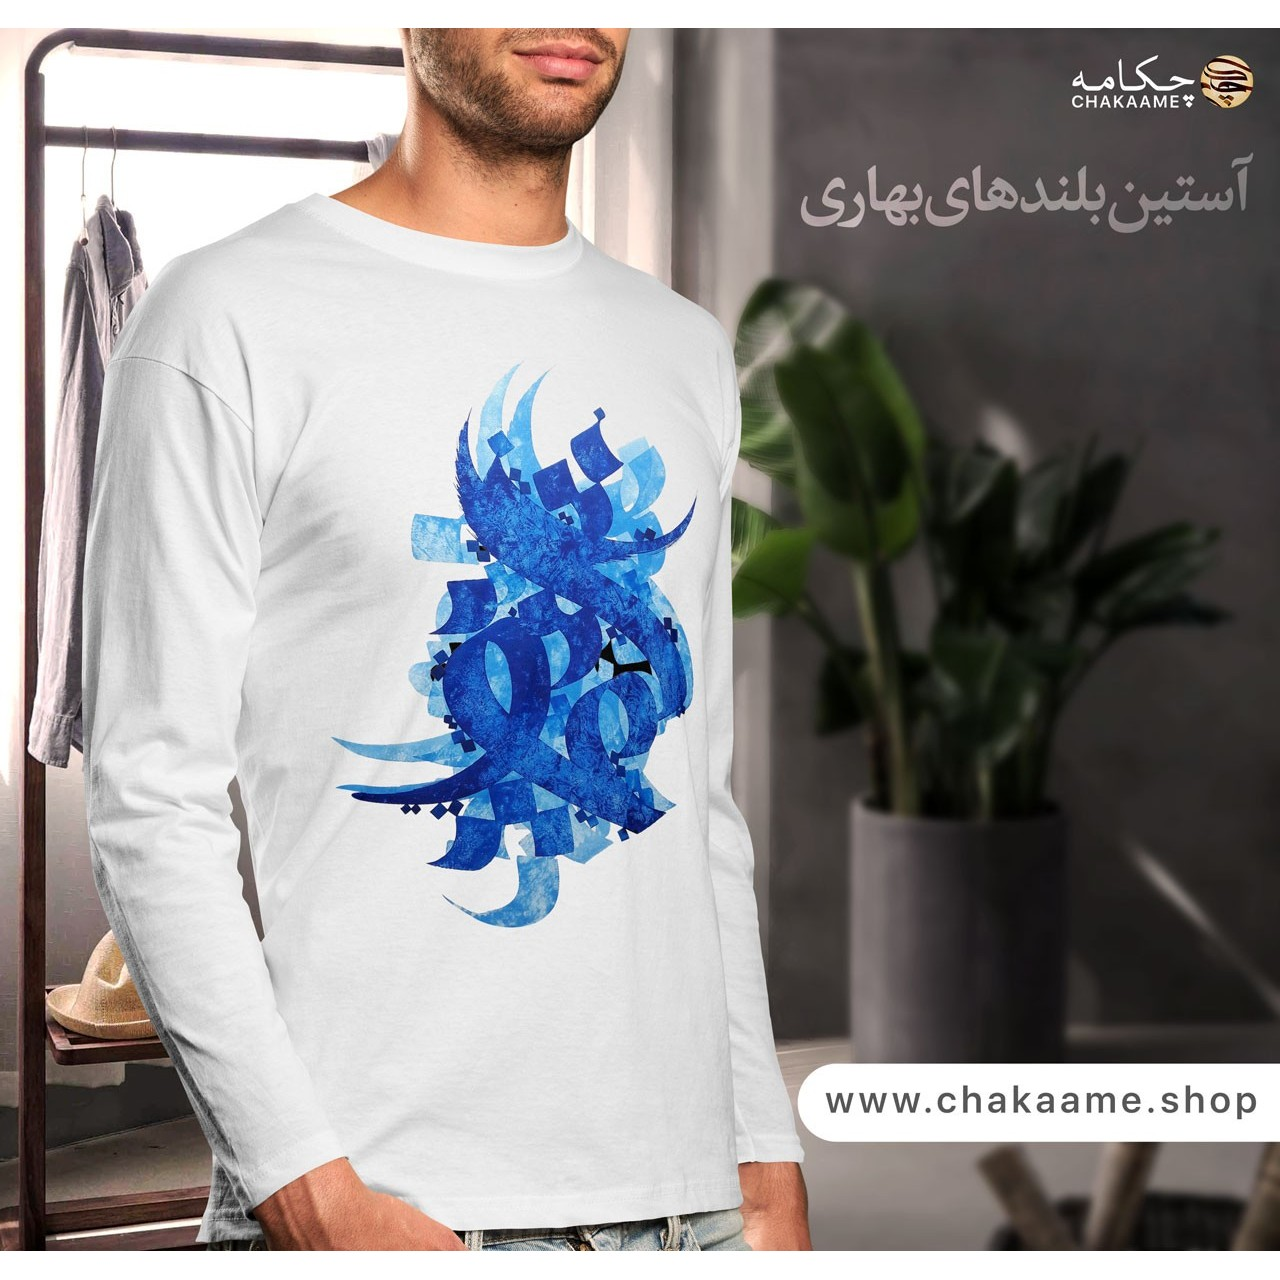 تی شرت آستین بلند طرح نقاشیخط کد 23